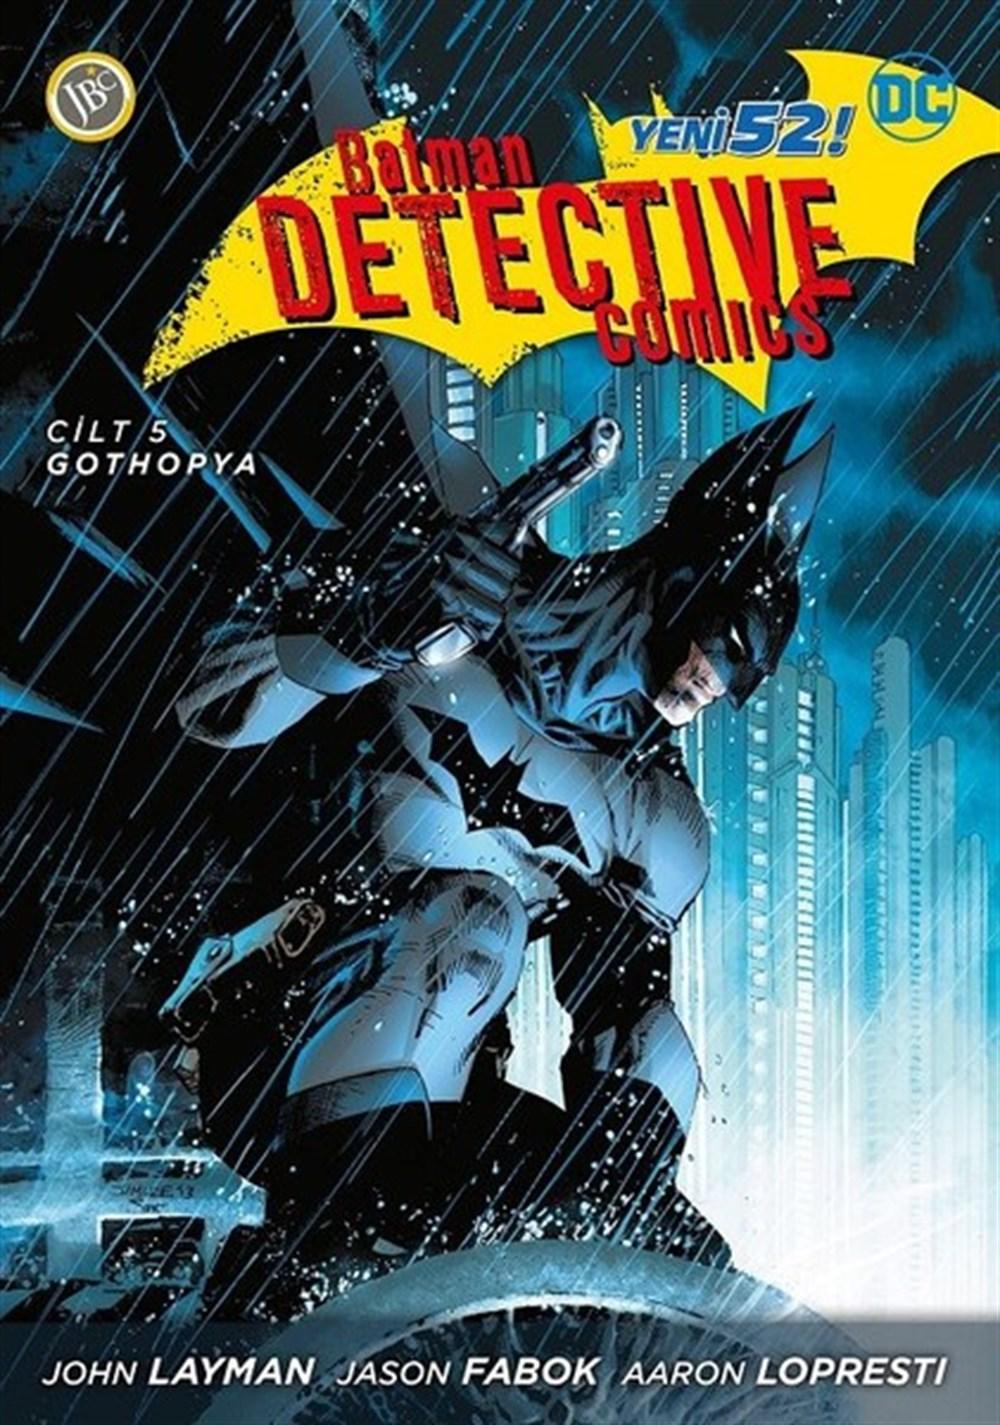 Batman Yeni 52 - Dedektif Hikayeleri Cilt 5: Gothopya